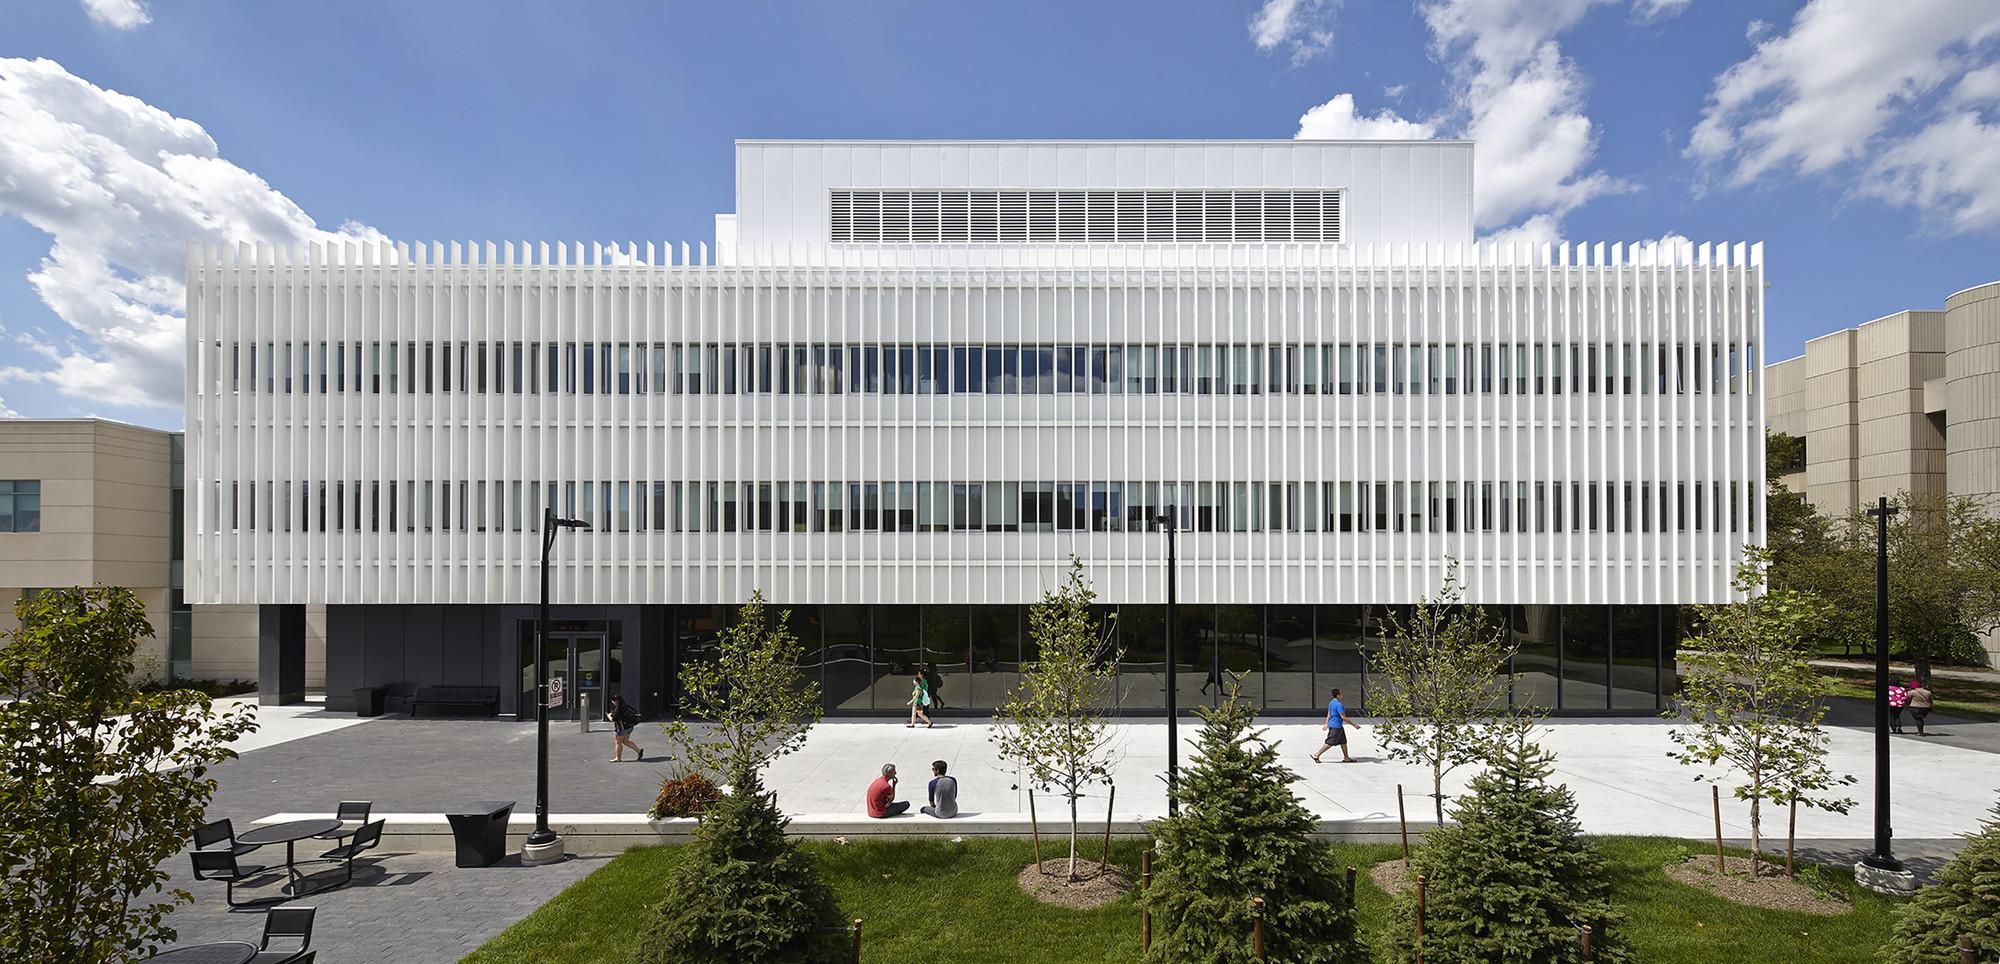 Centro de innovación UTM / Moriyama & Teshima Architects, © Shai Gil